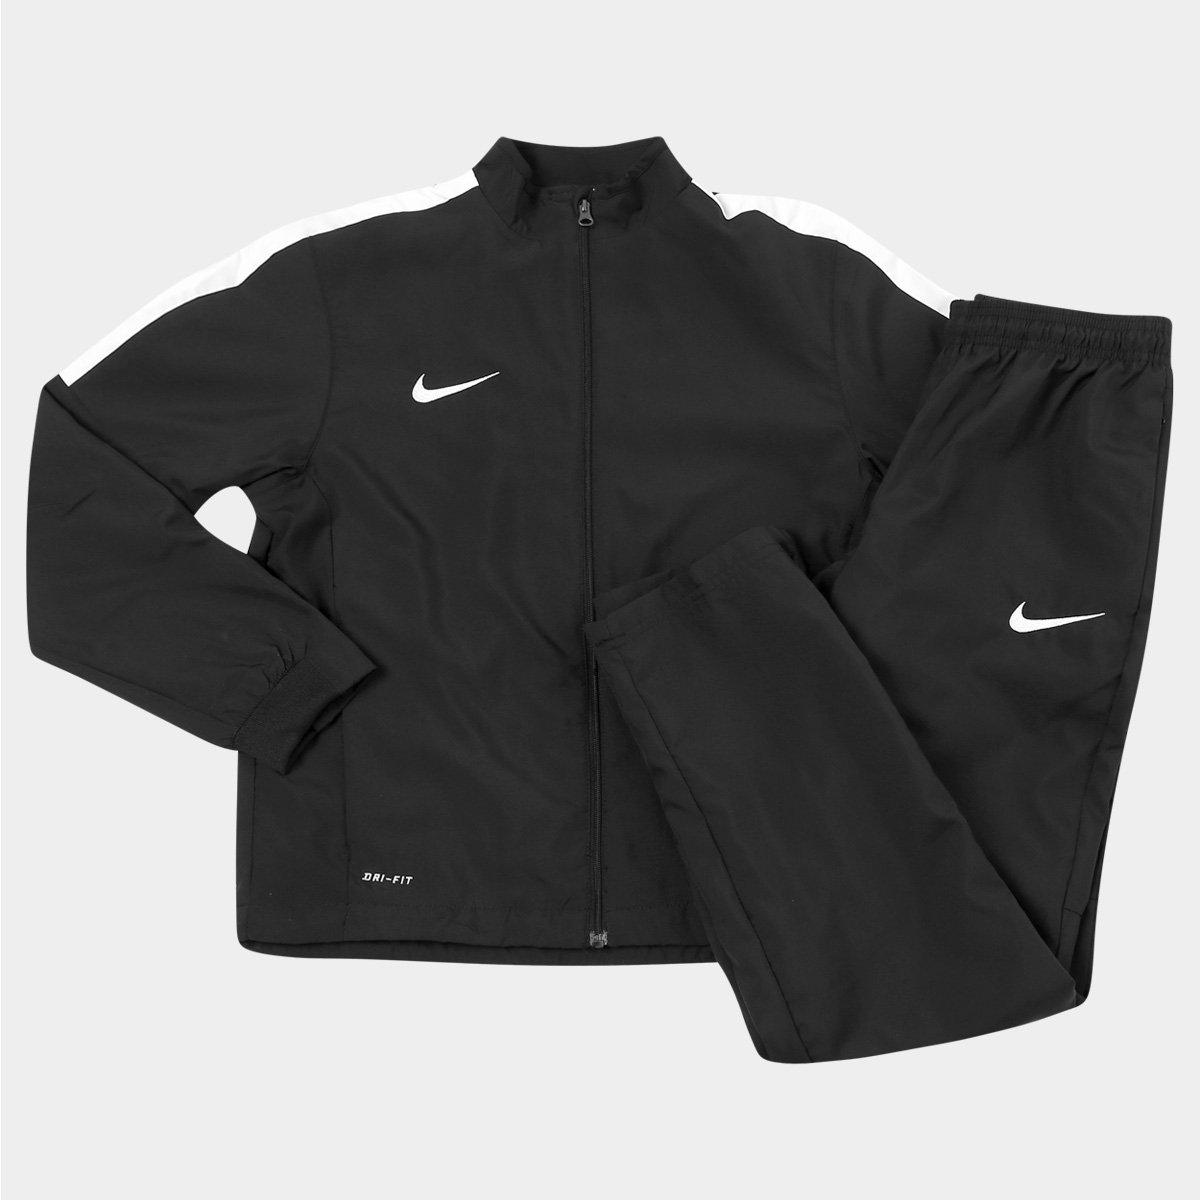 Agasalho Nike Academy B WVN Tracksuit 2 - Compre Agora  19e163ea368e9